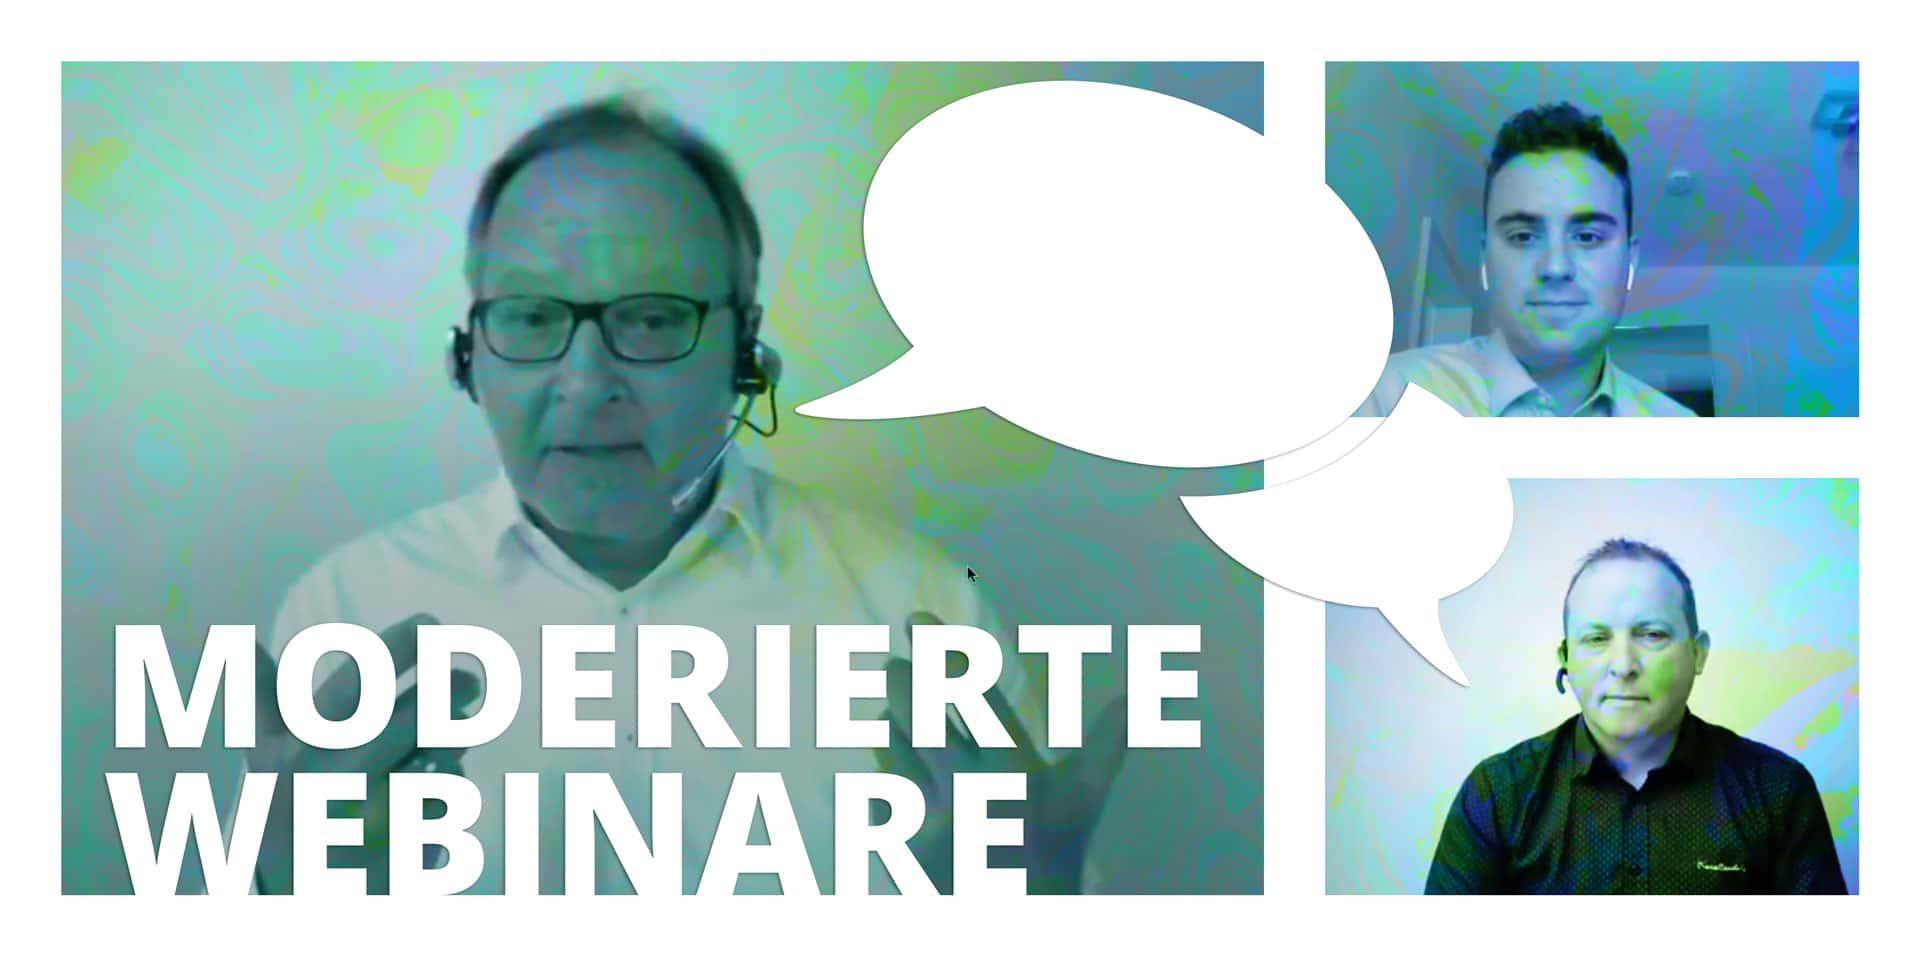 moderierte_webinare_2